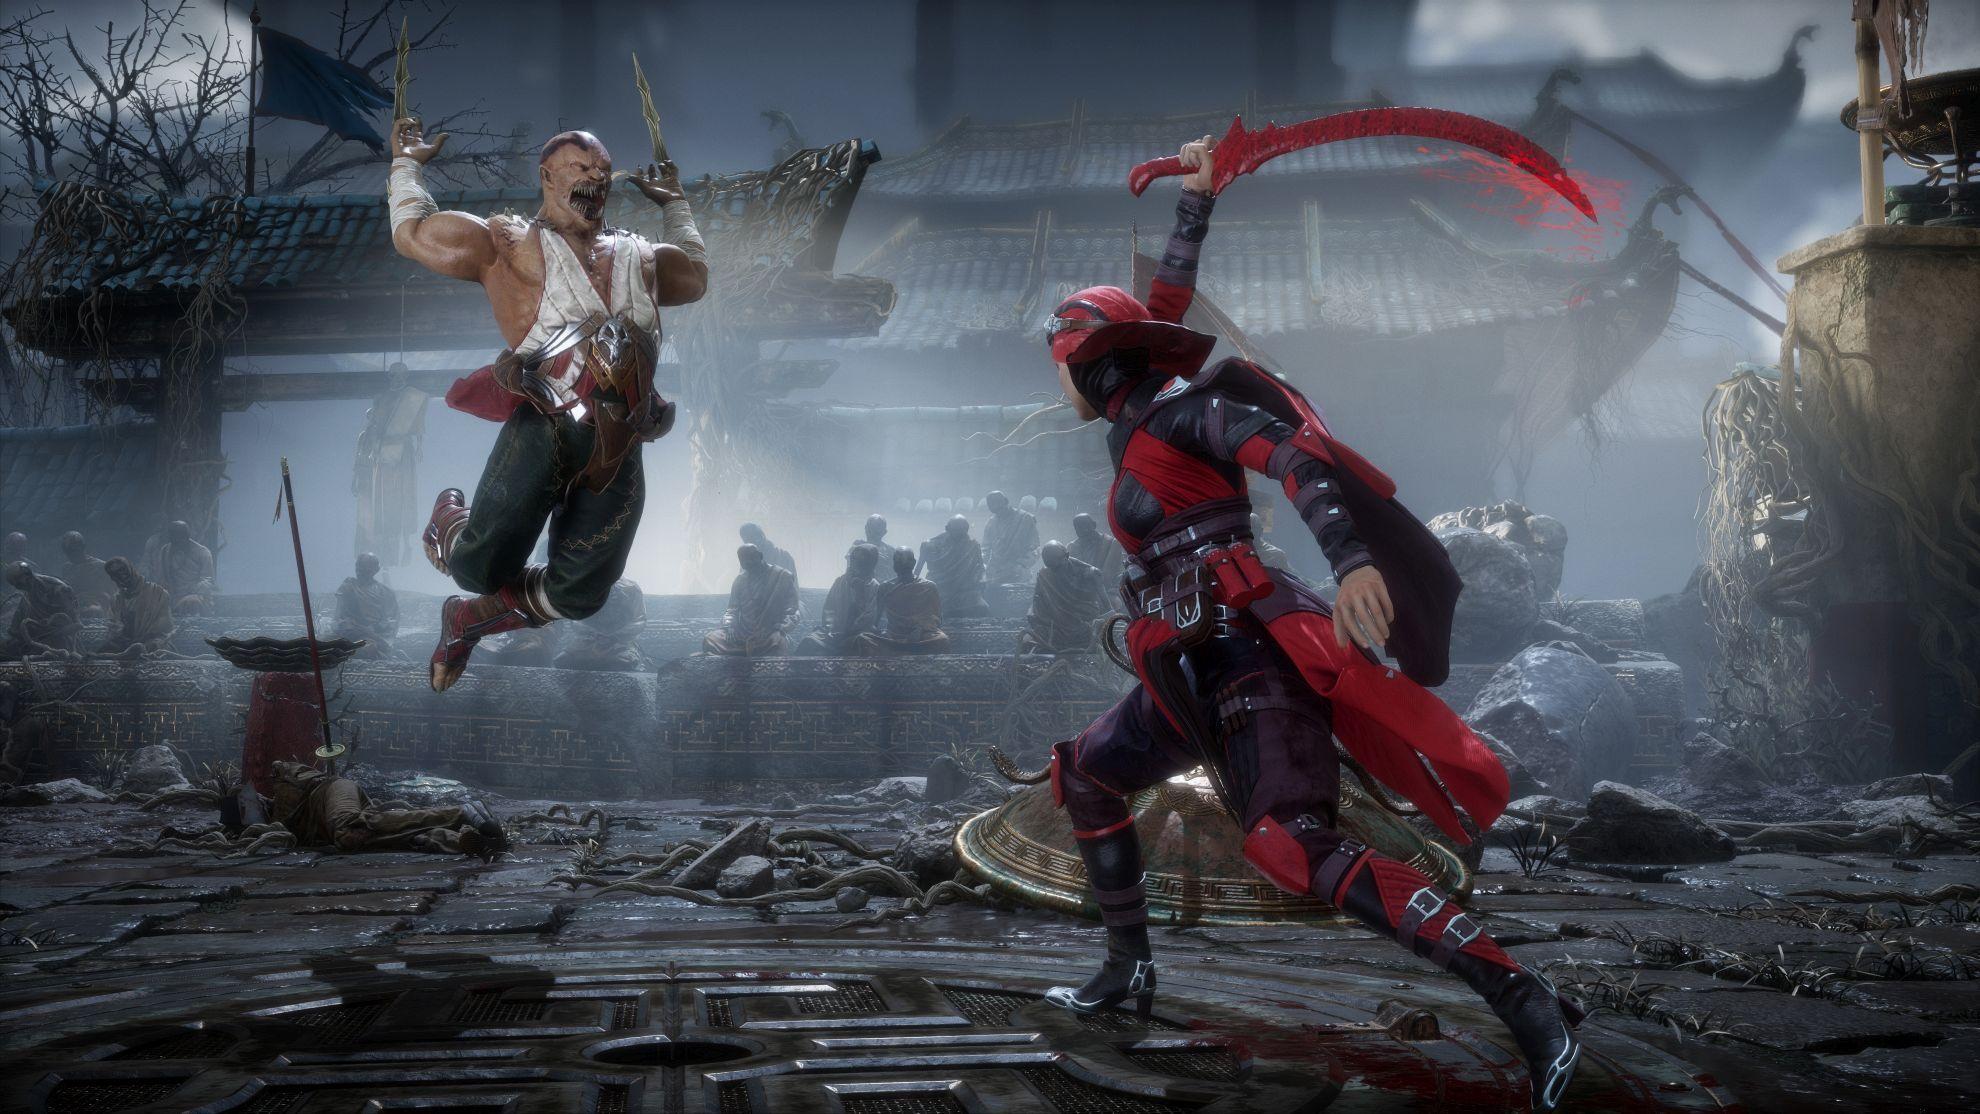 Mortal Kombat 11 festeggia a San Patrizio con un evento gratuito in-game thumbnail